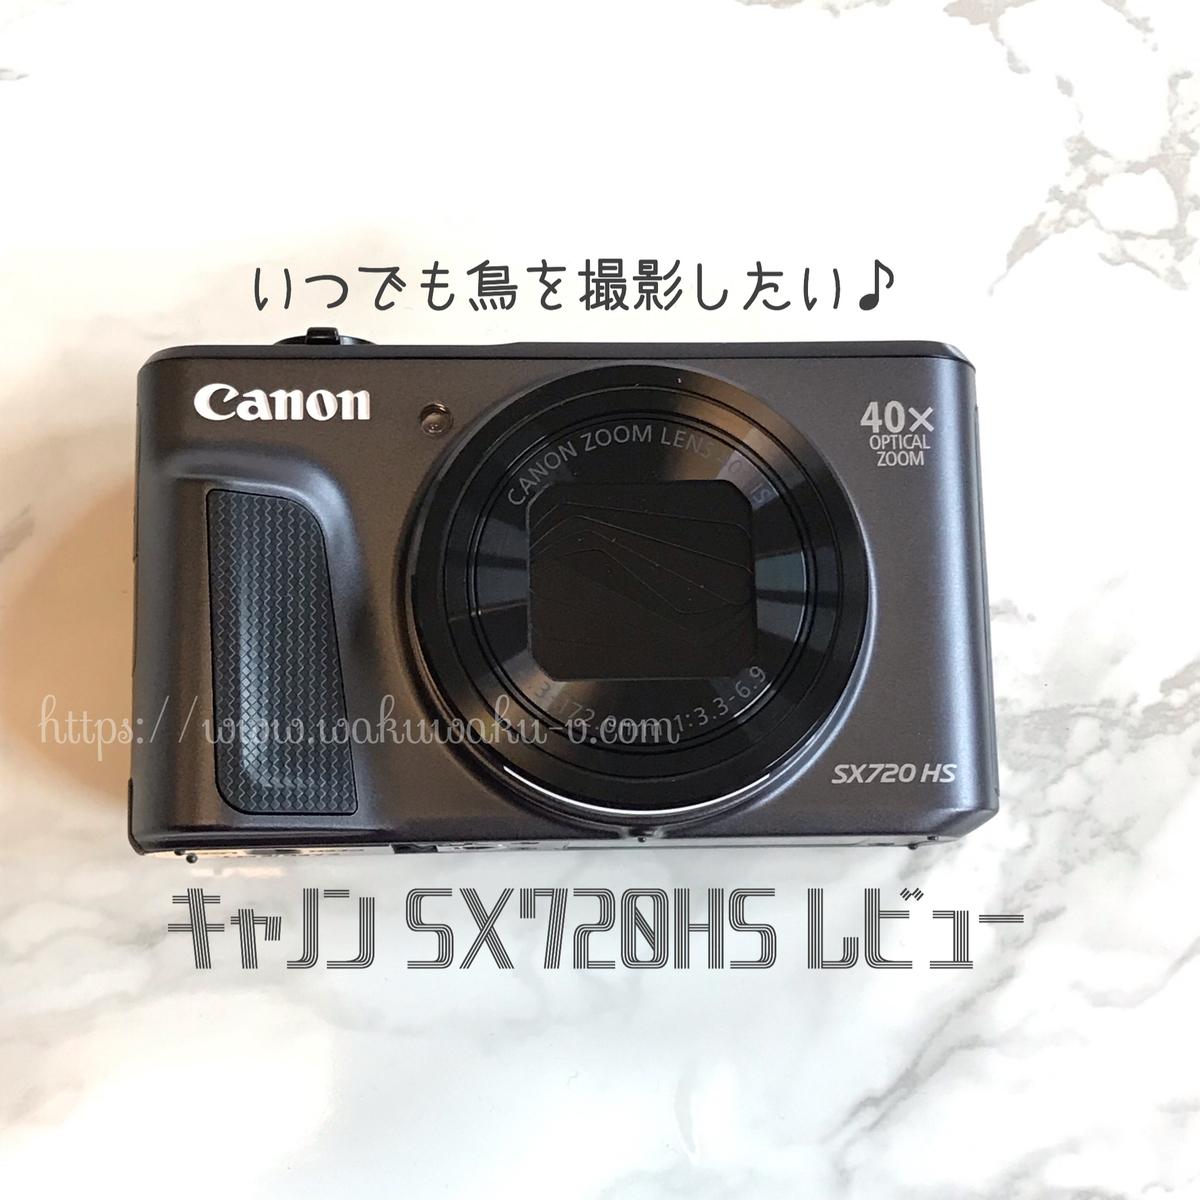 キヤノン SX720 HS 野鳥撮影 撮影写真 動画 レビュー 評判 口コミ 買った 軽い デジカメ おすすめ